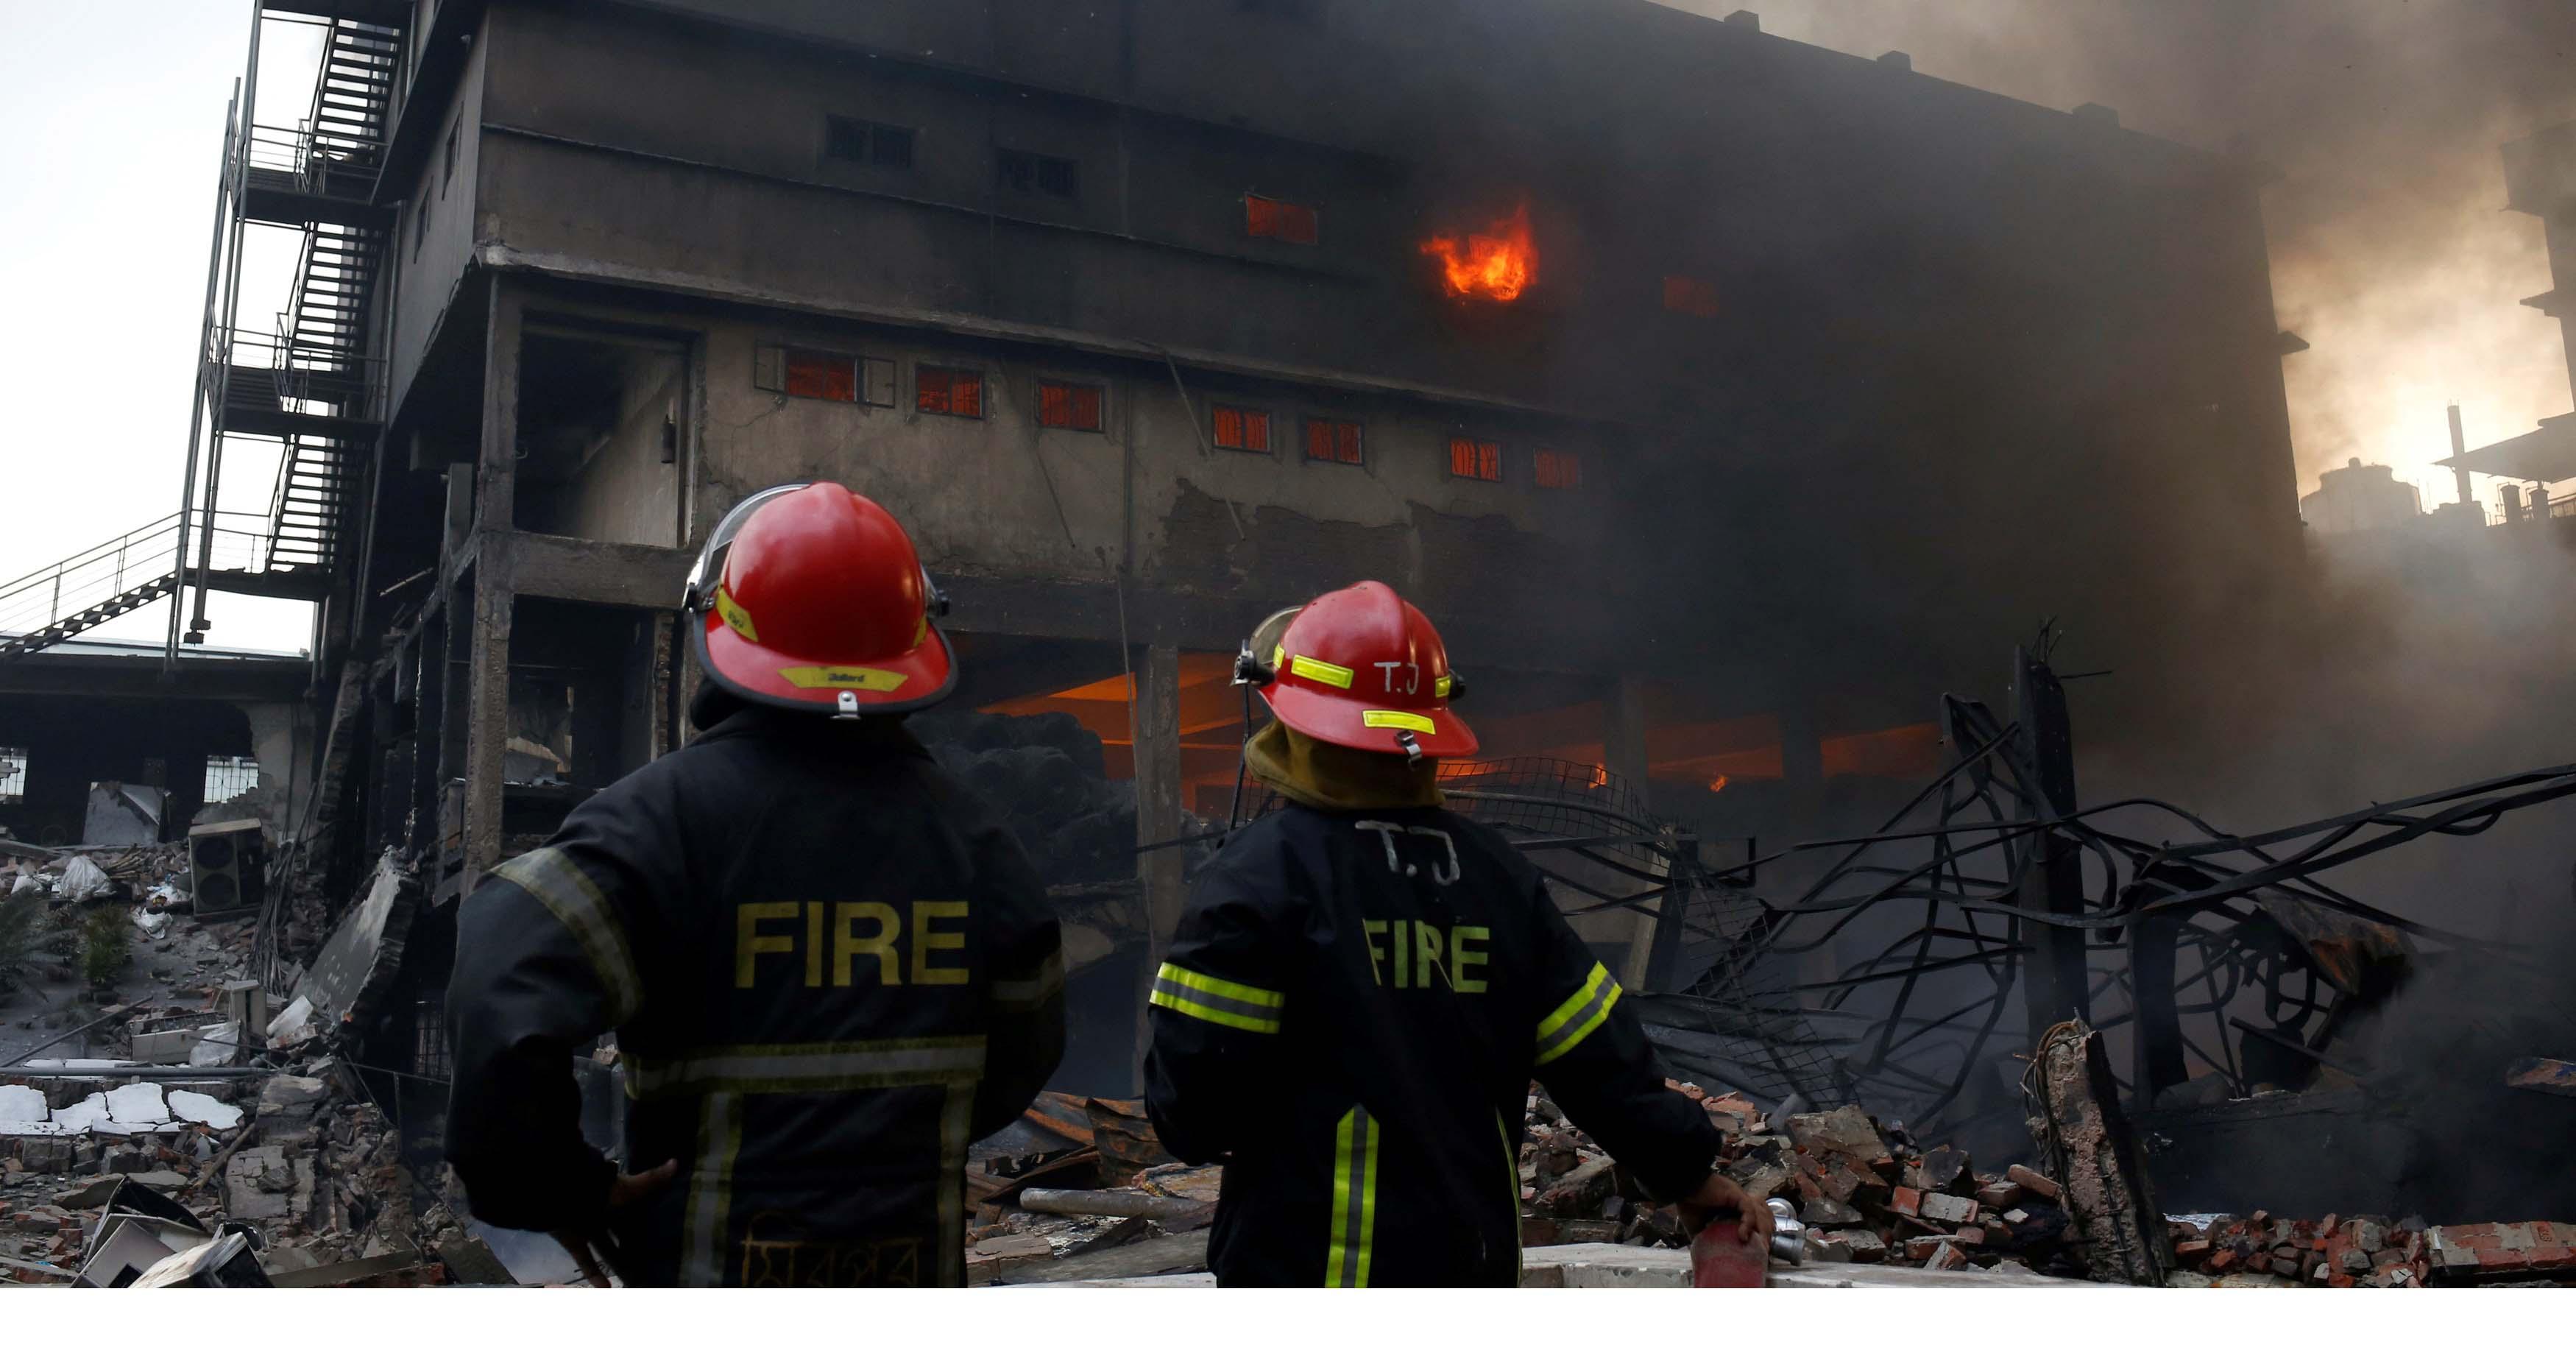 Hasta los momentos se desconocen las causas del siniestro que dejó numerosos heridos con quemaduras